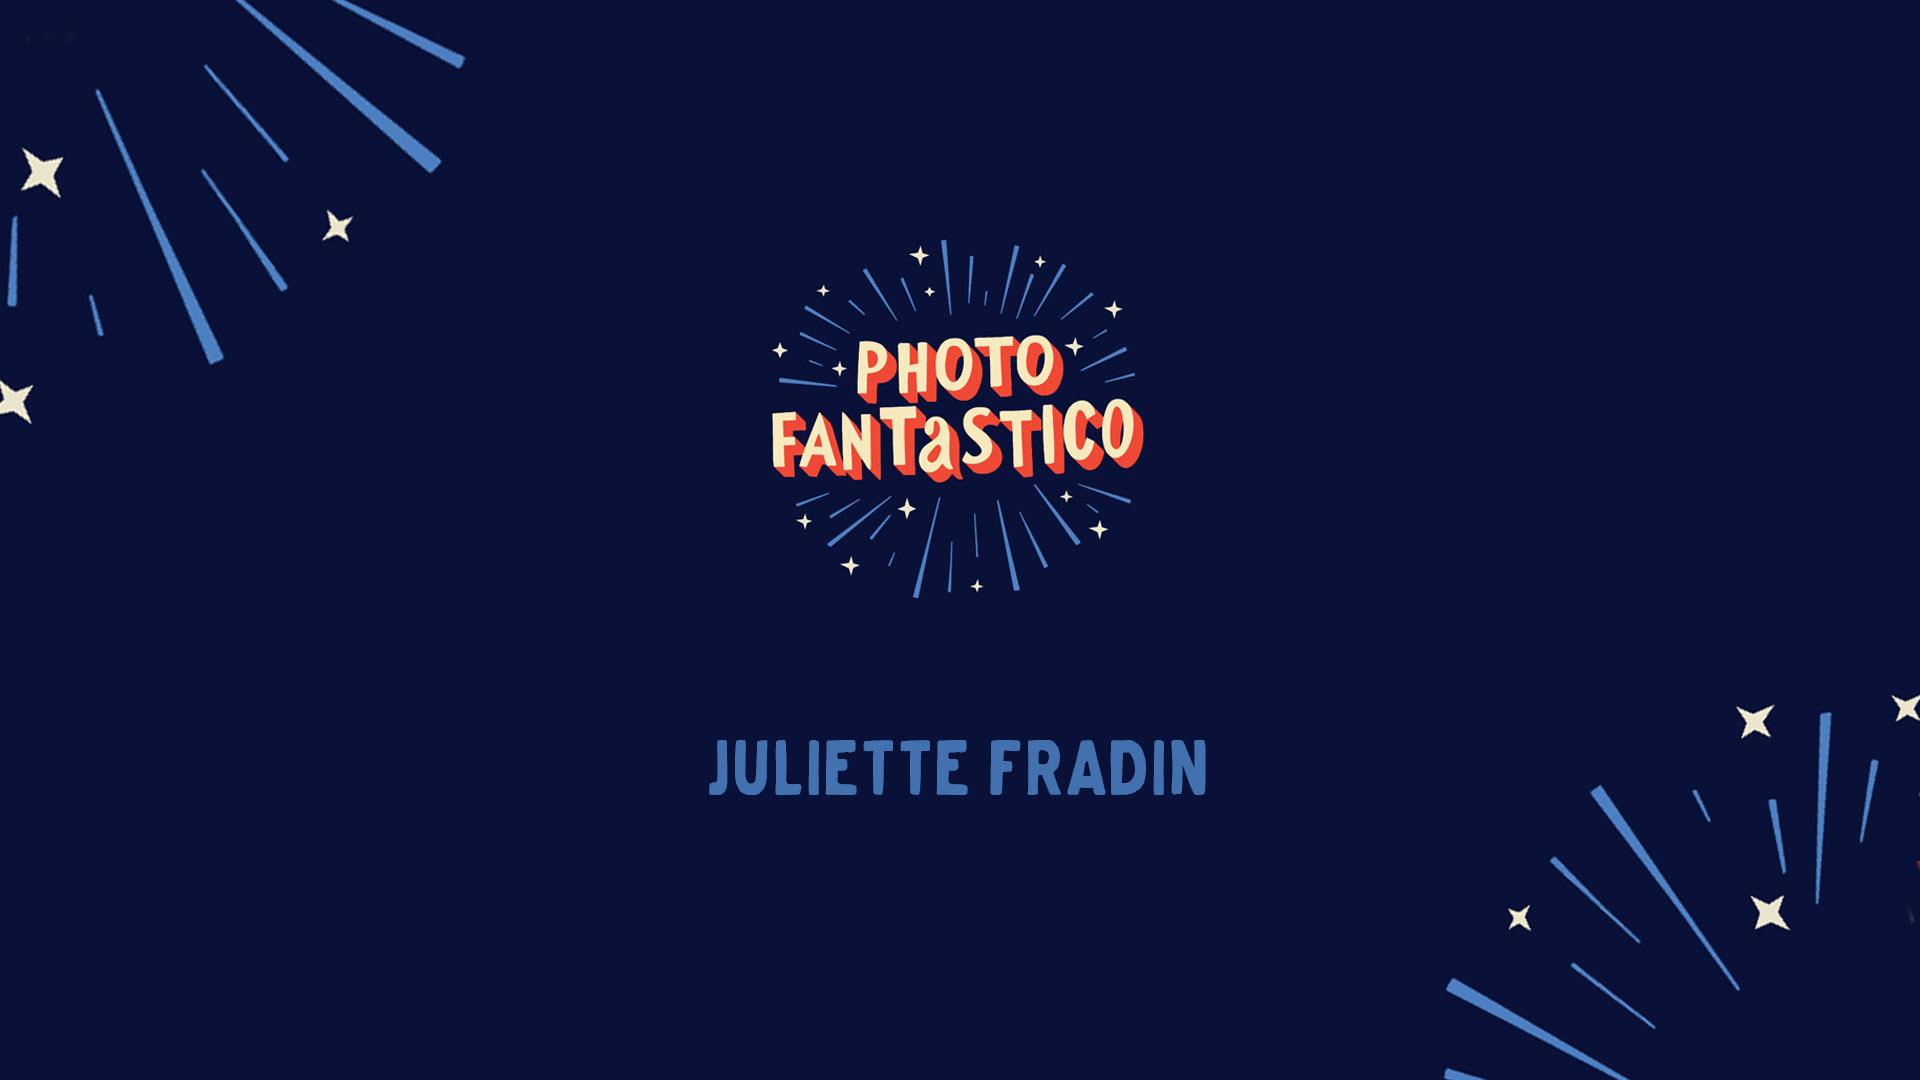 Juliette Fradin